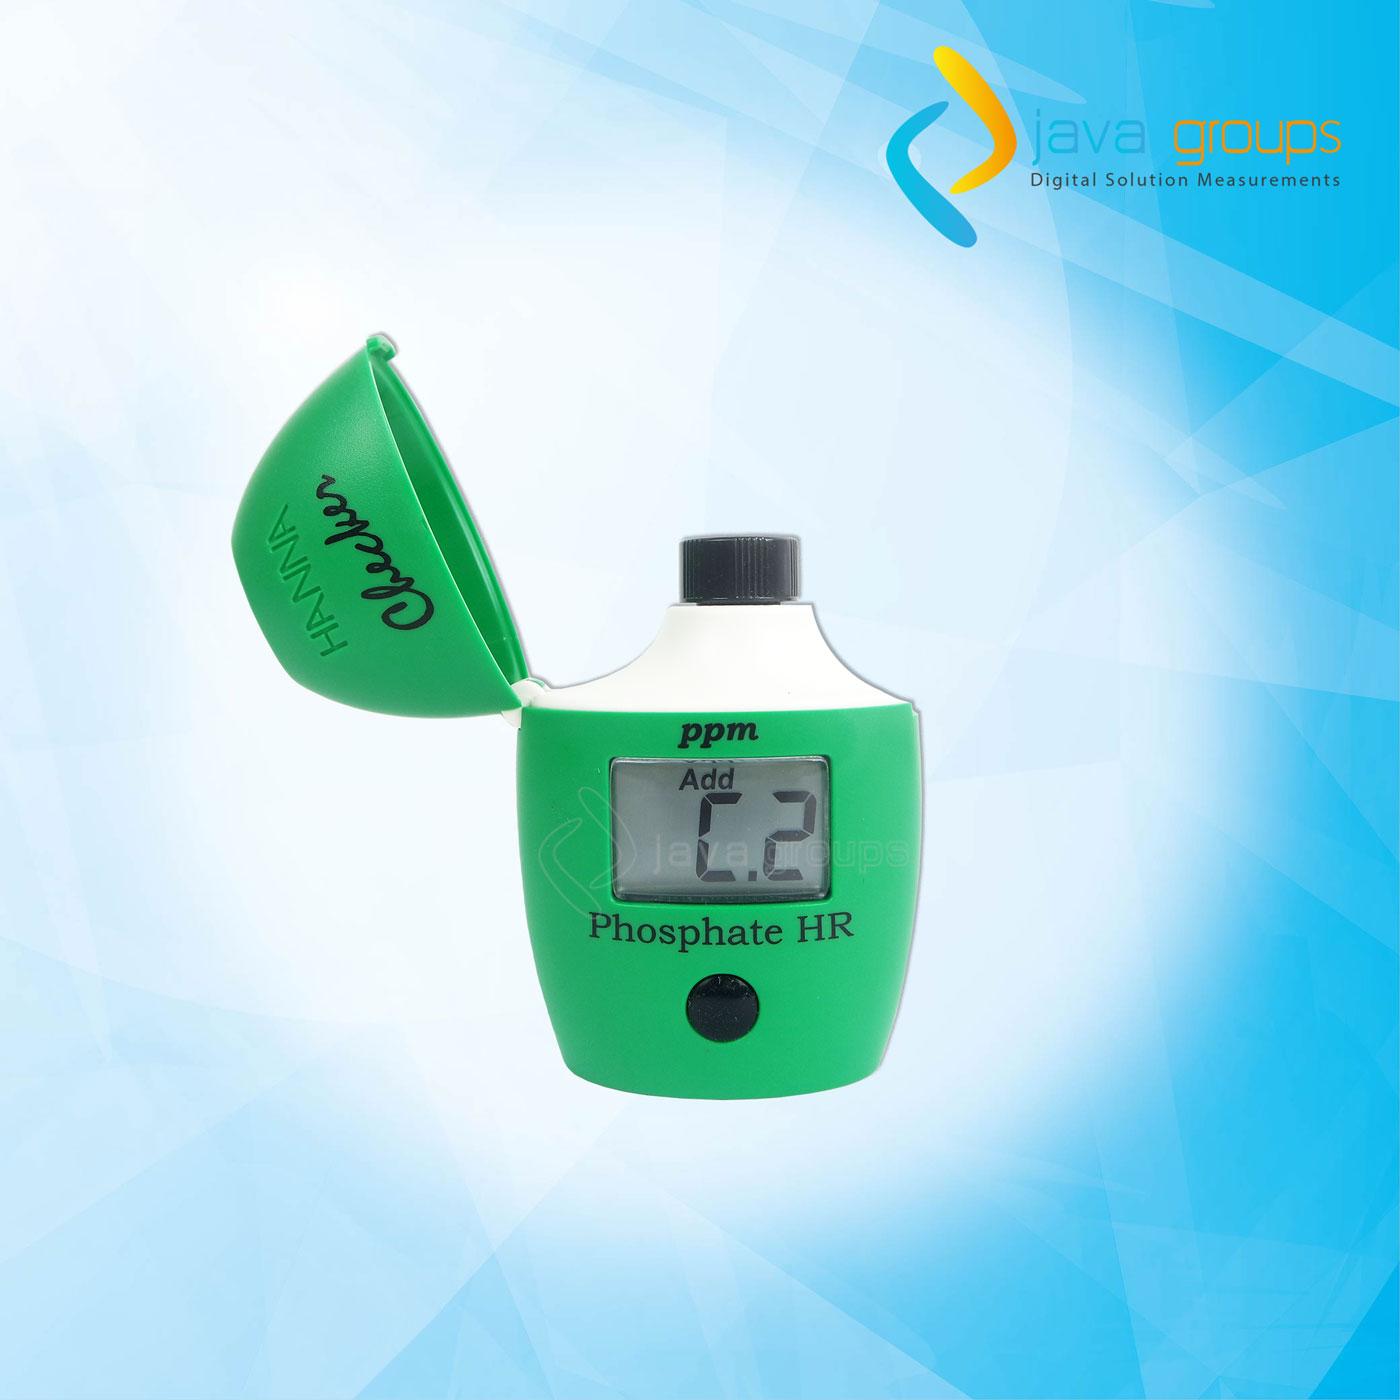 Alat Digital Pengukur Fosfat HI717